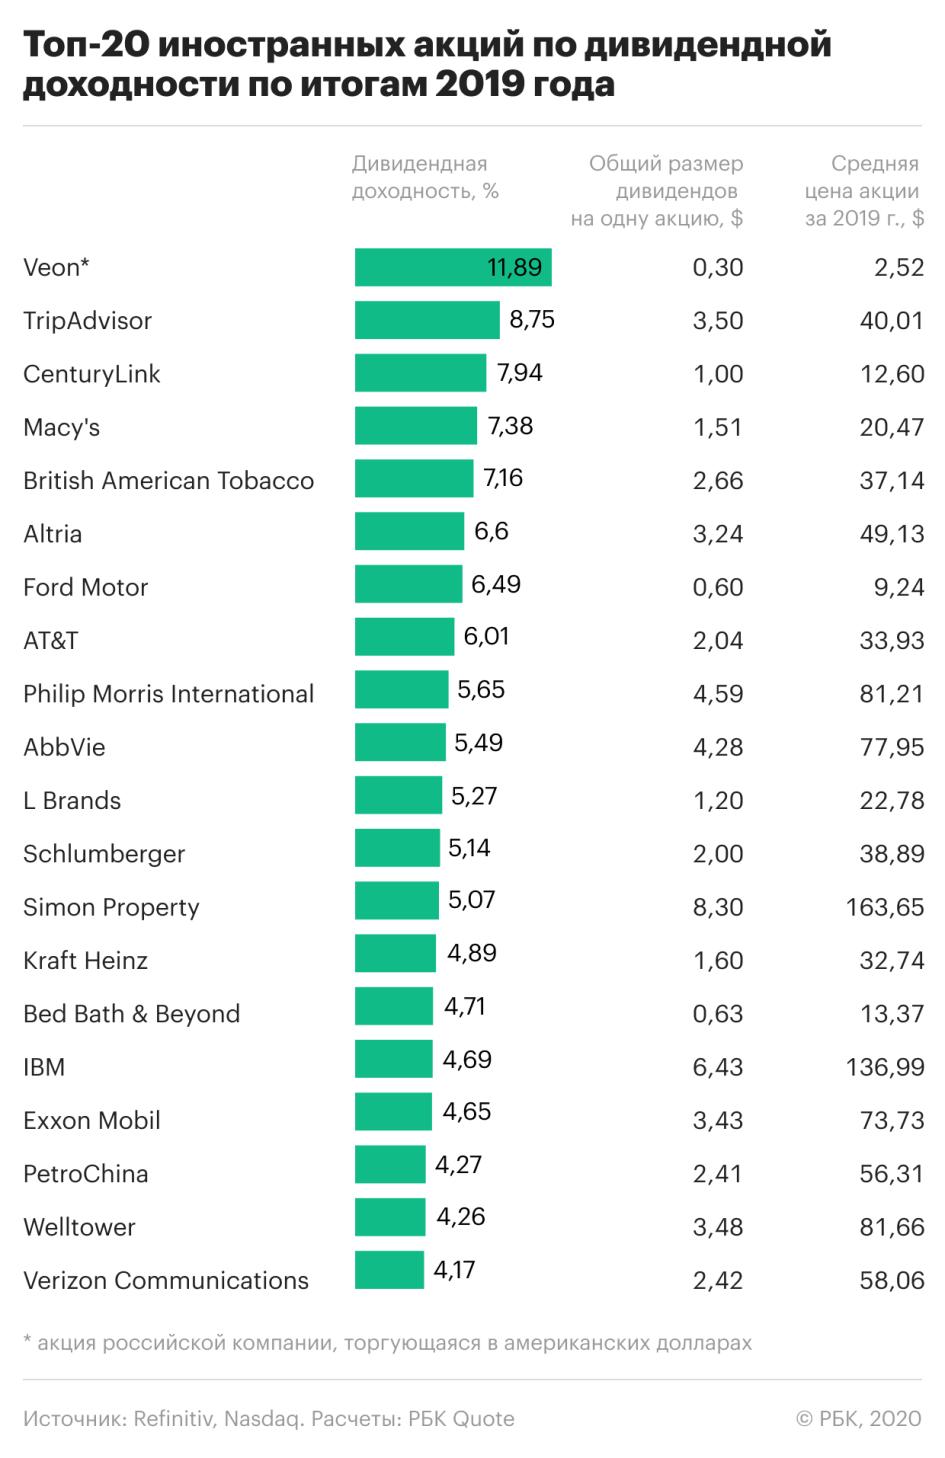 Лучшие из лучших. Какие акции принесли в 2019 году максимальную прибыль :: Новости :: РБК Инвестиции